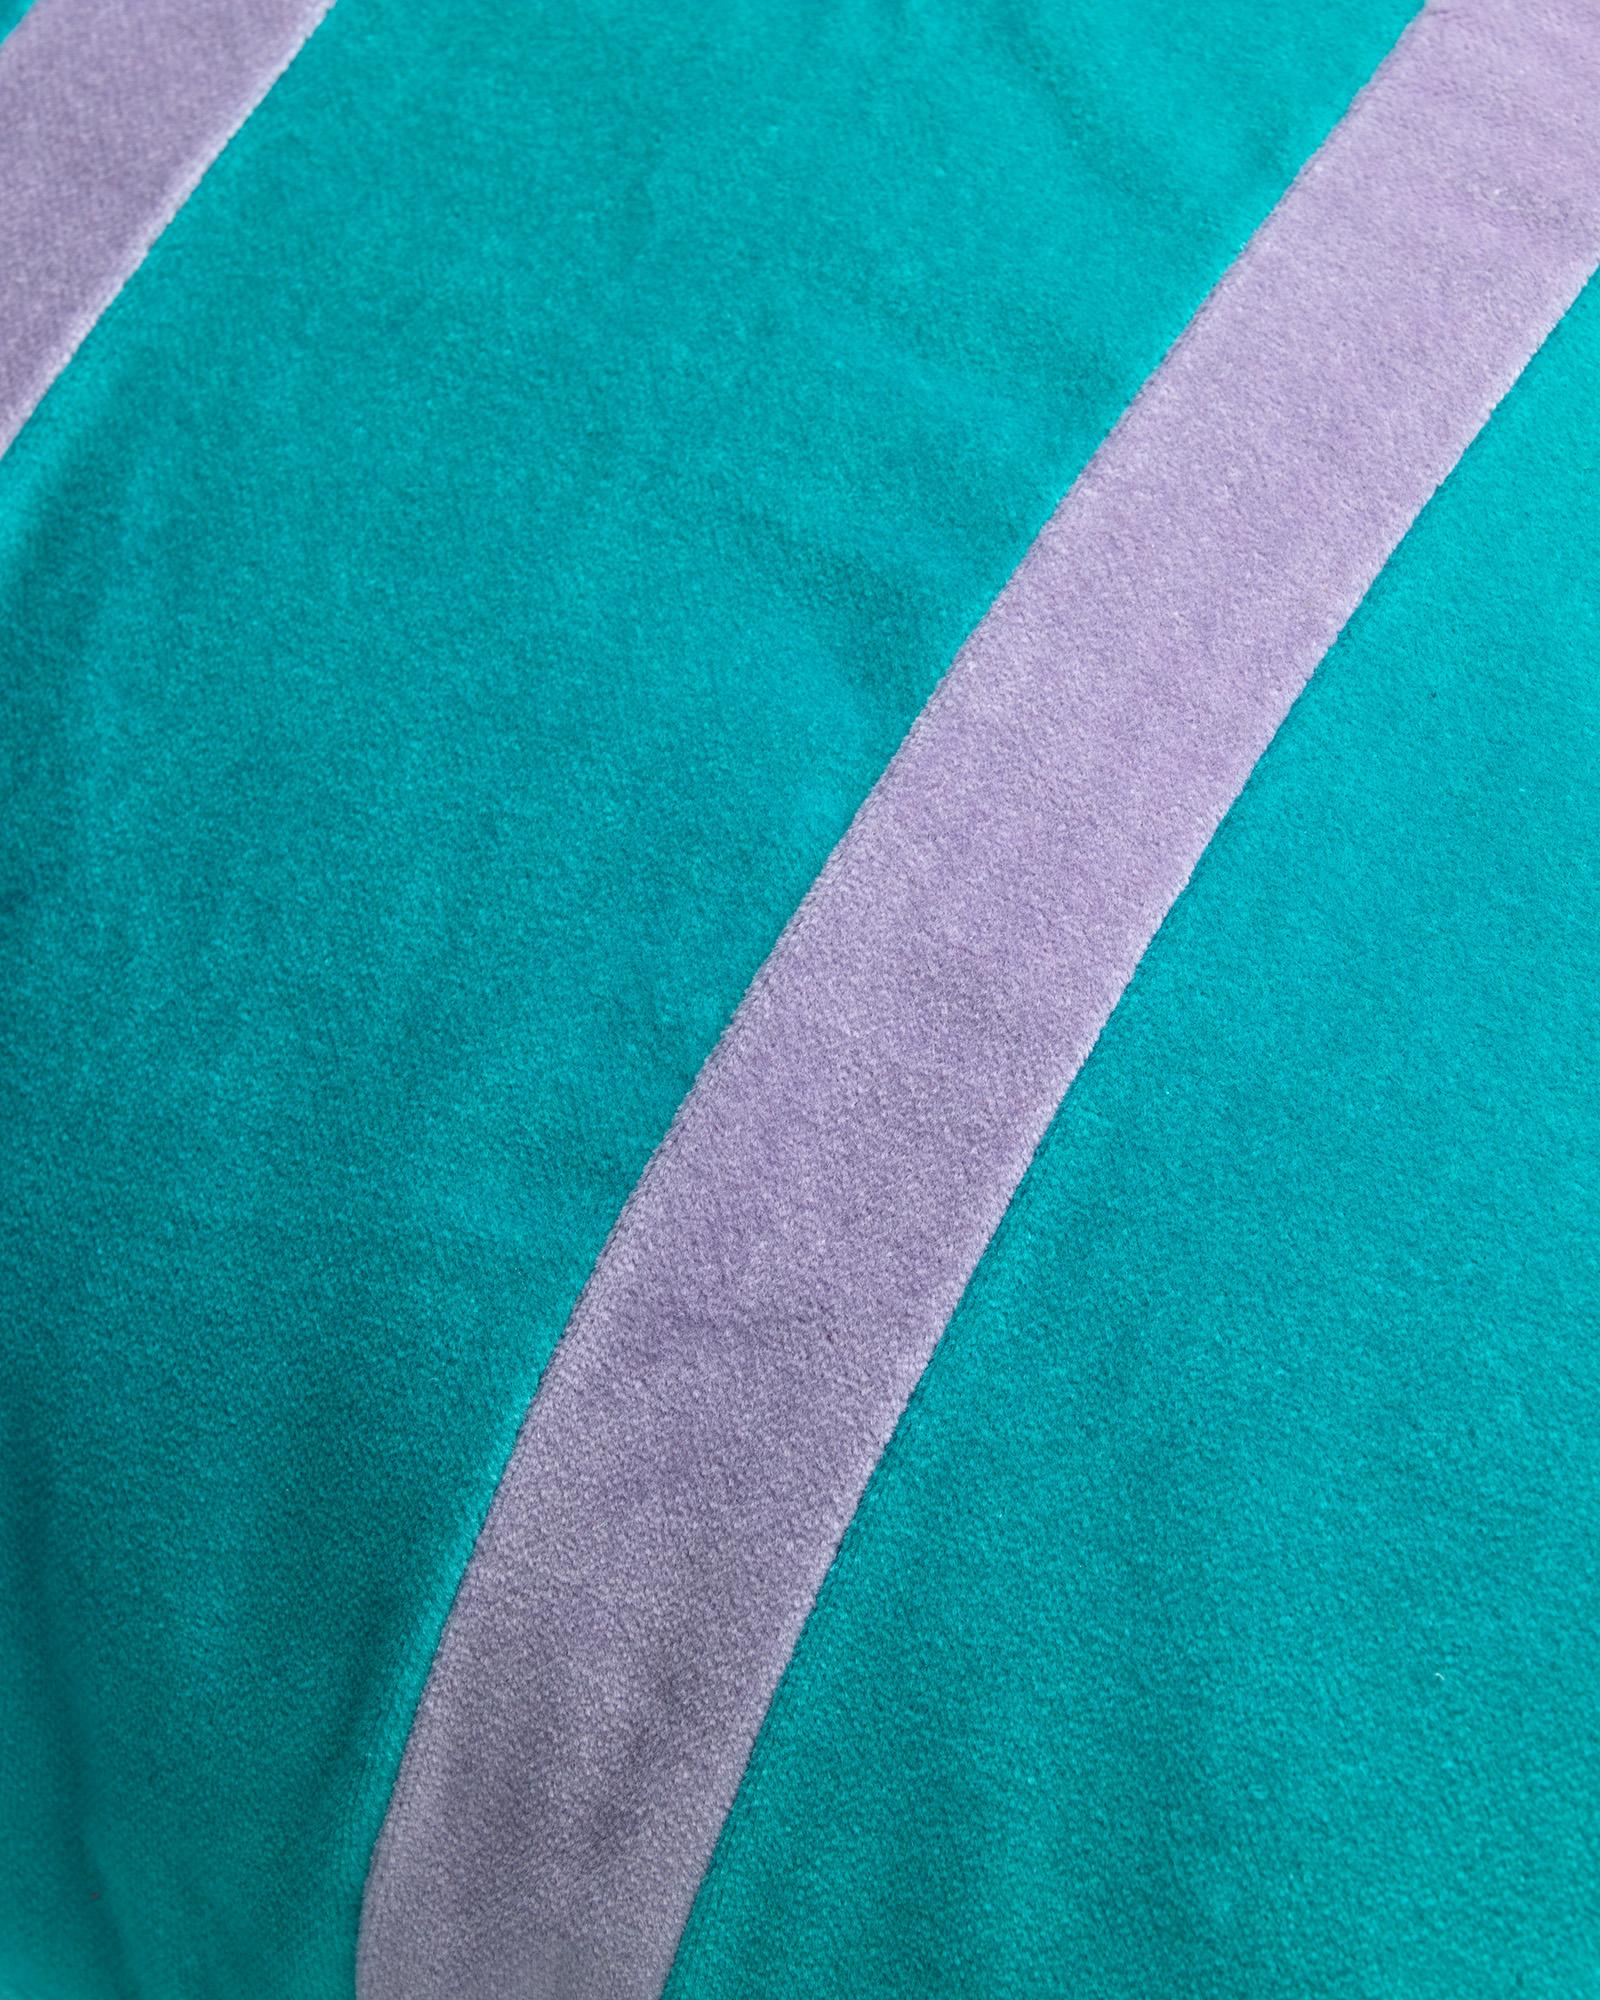 PEMM - Sierkussen velvet Aquarelle 45x45 cm